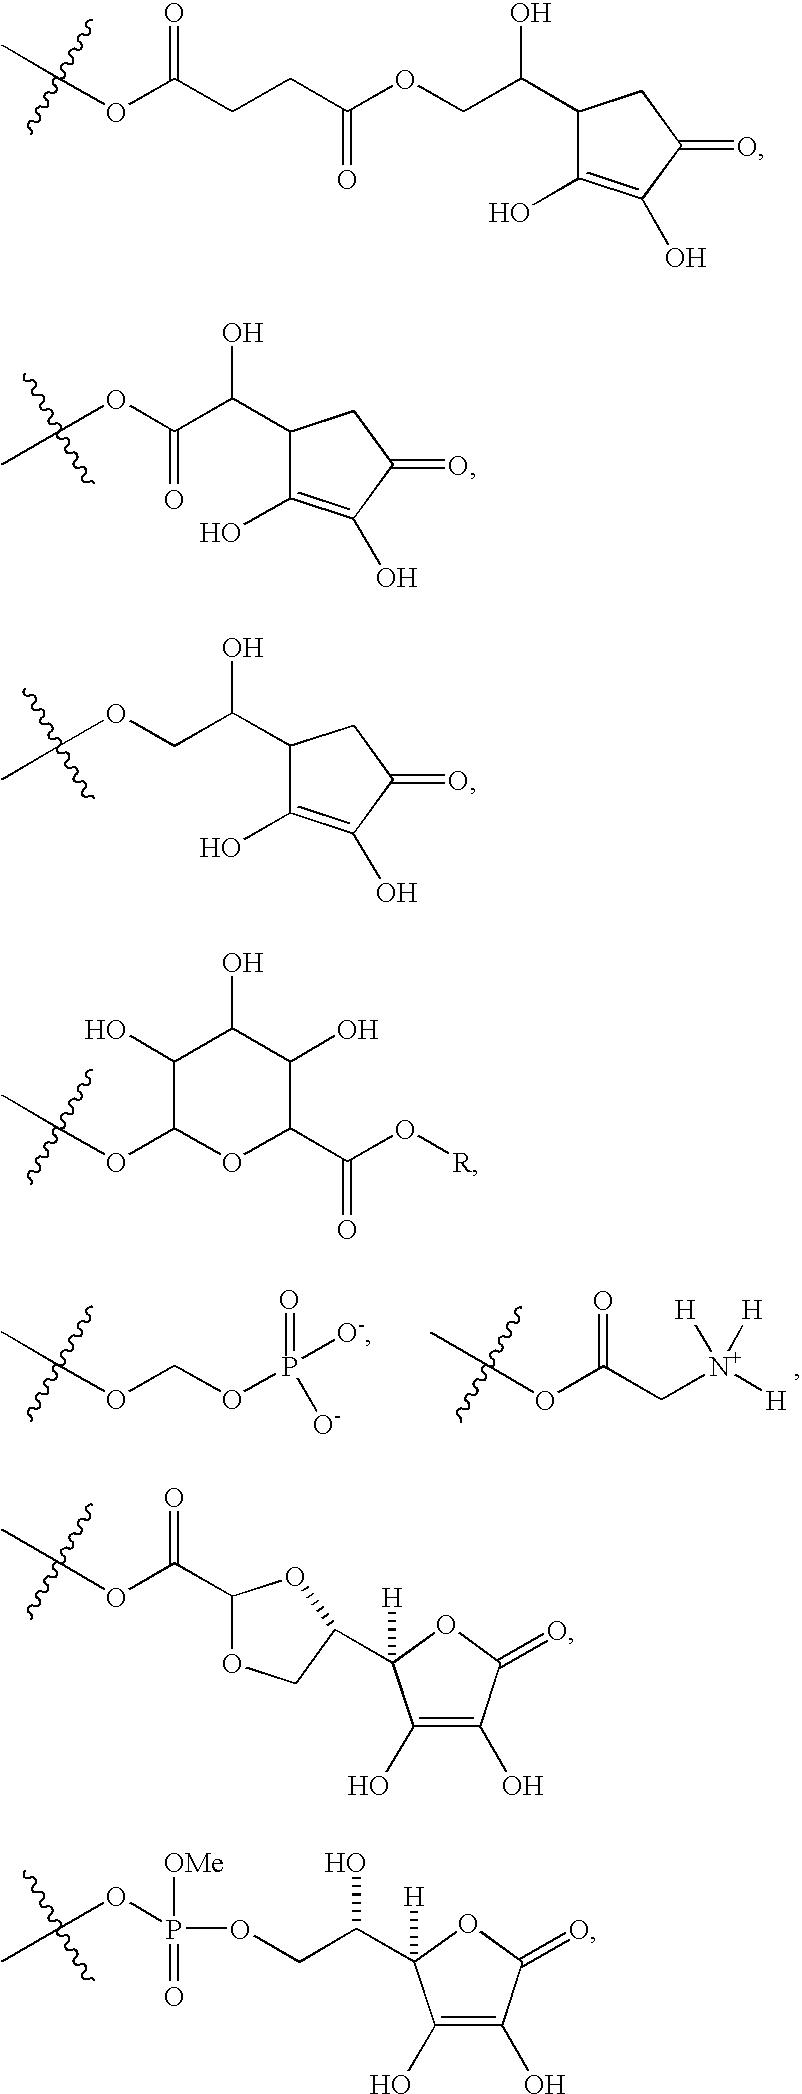 Figure US20050075337A1-20050407-C00094